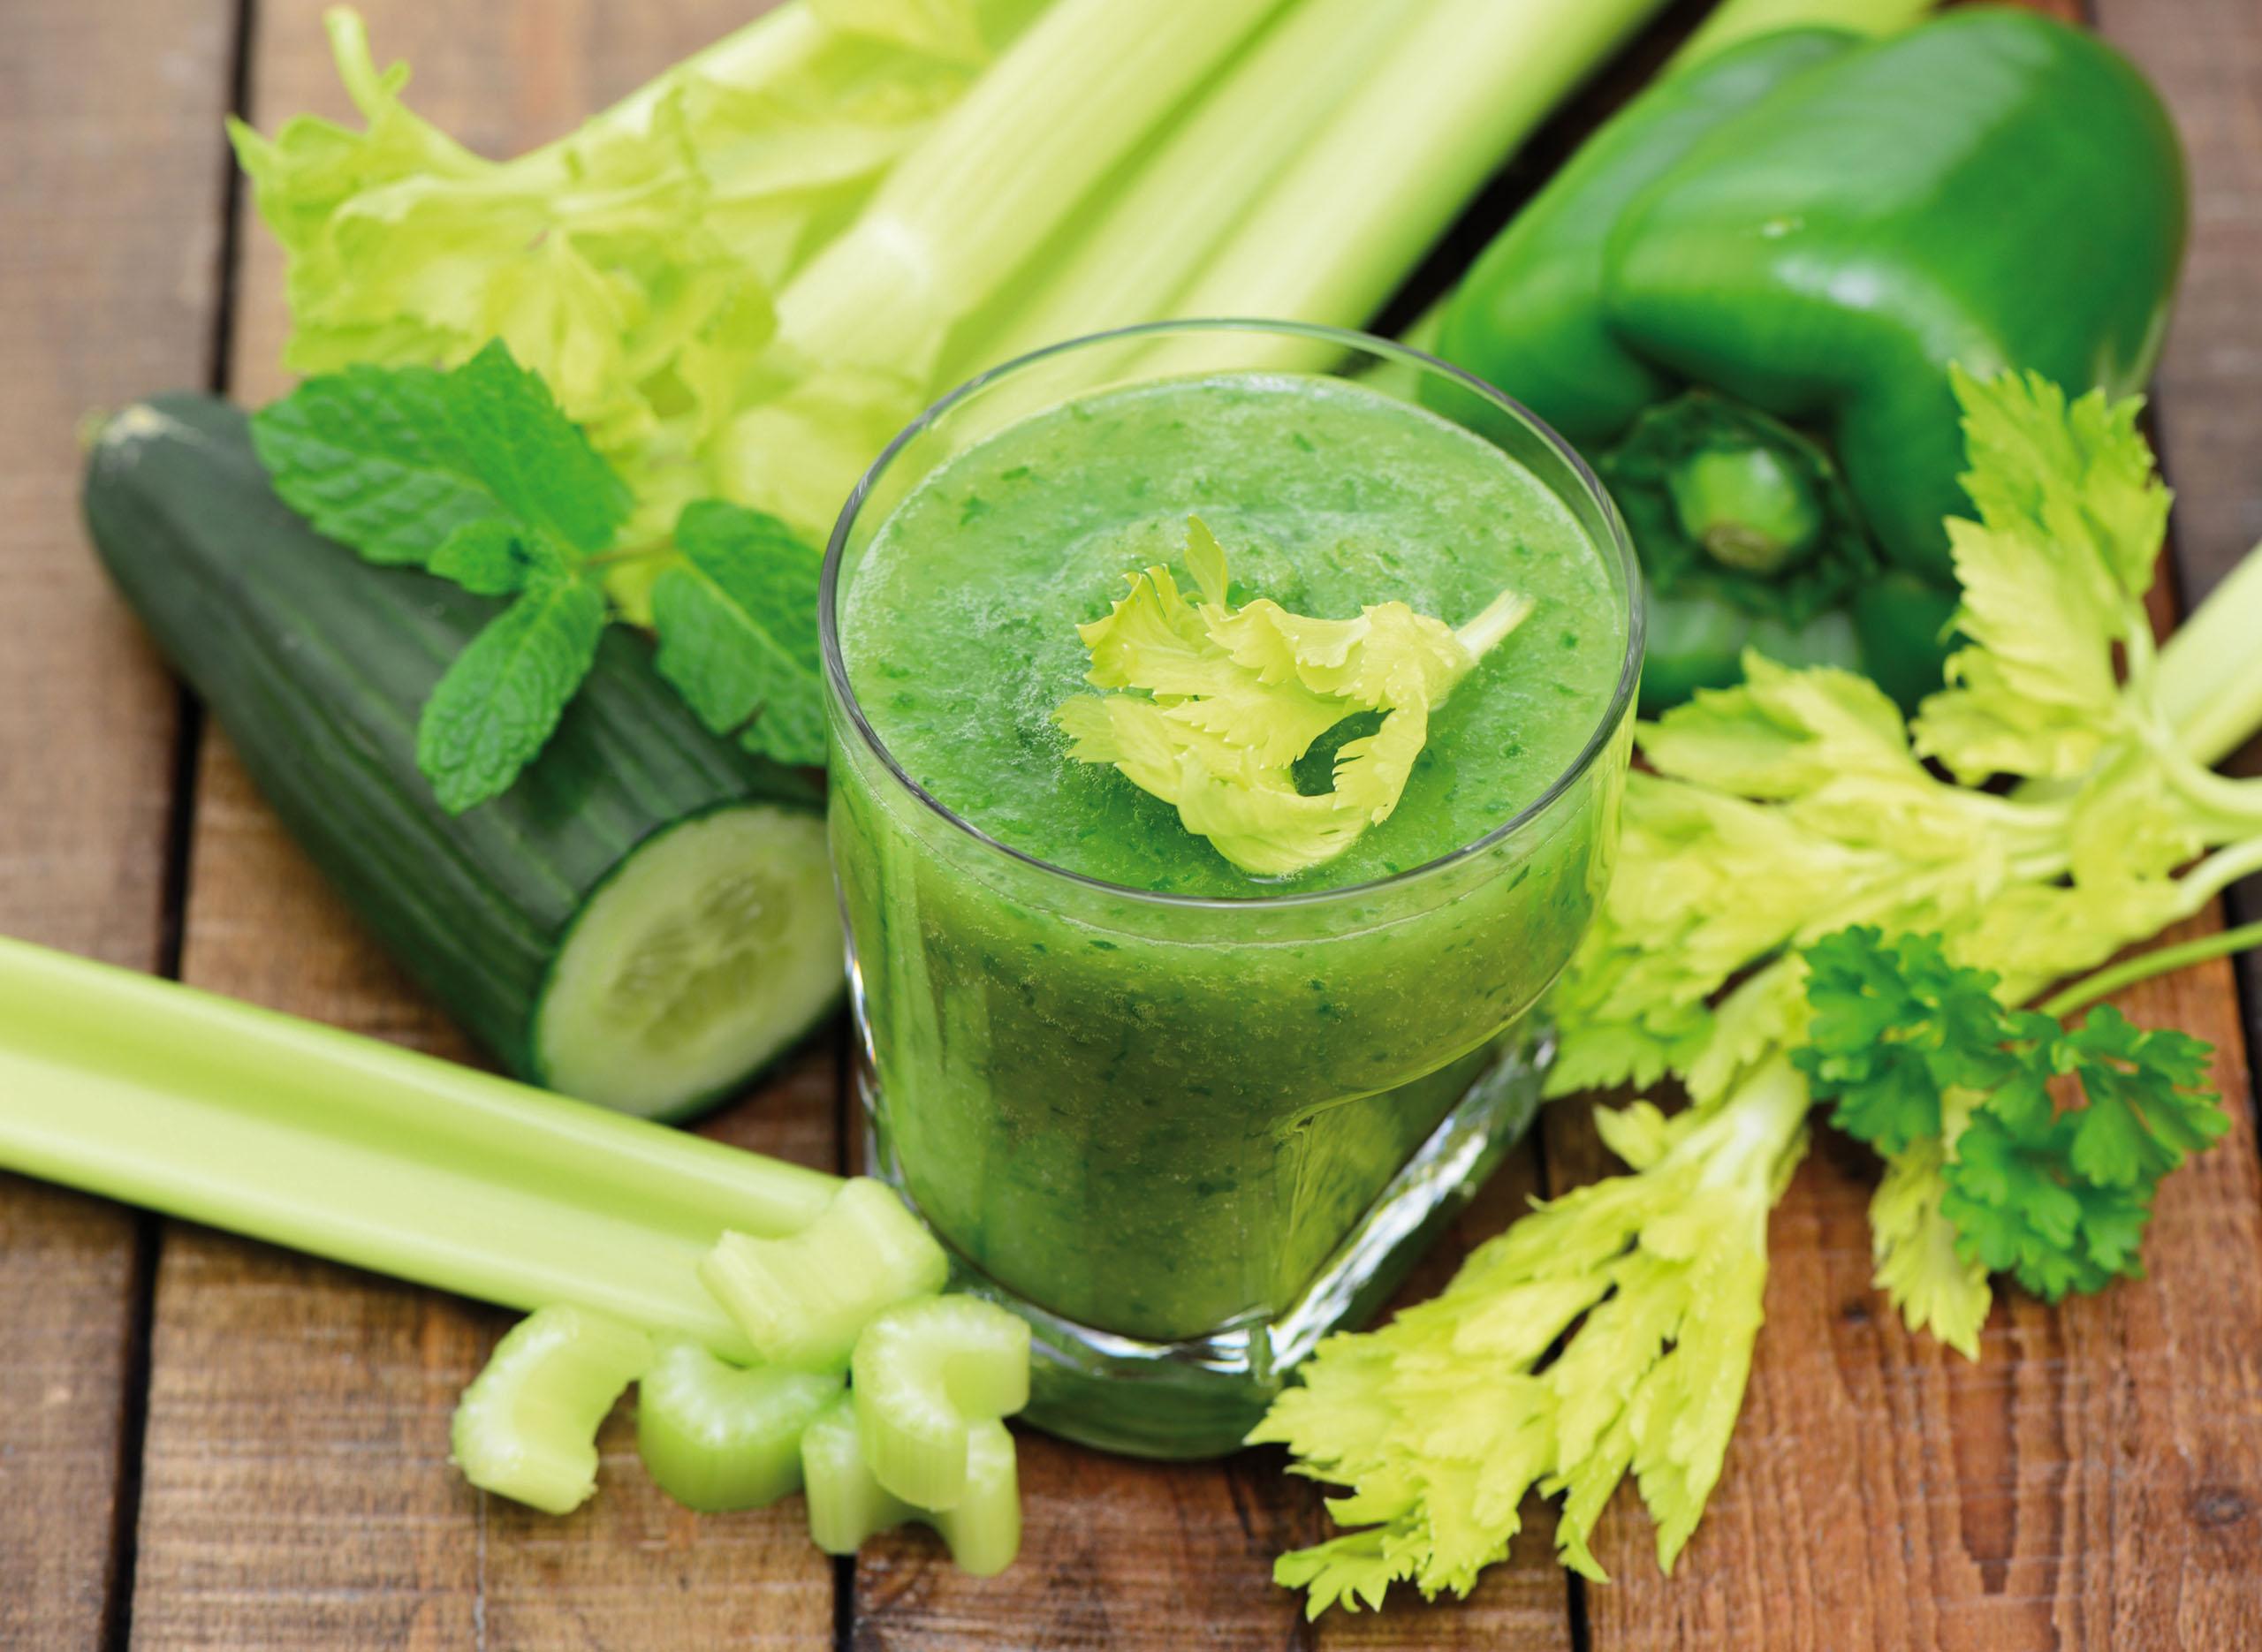 Gesunde Drinks mit vielen Vitaminen